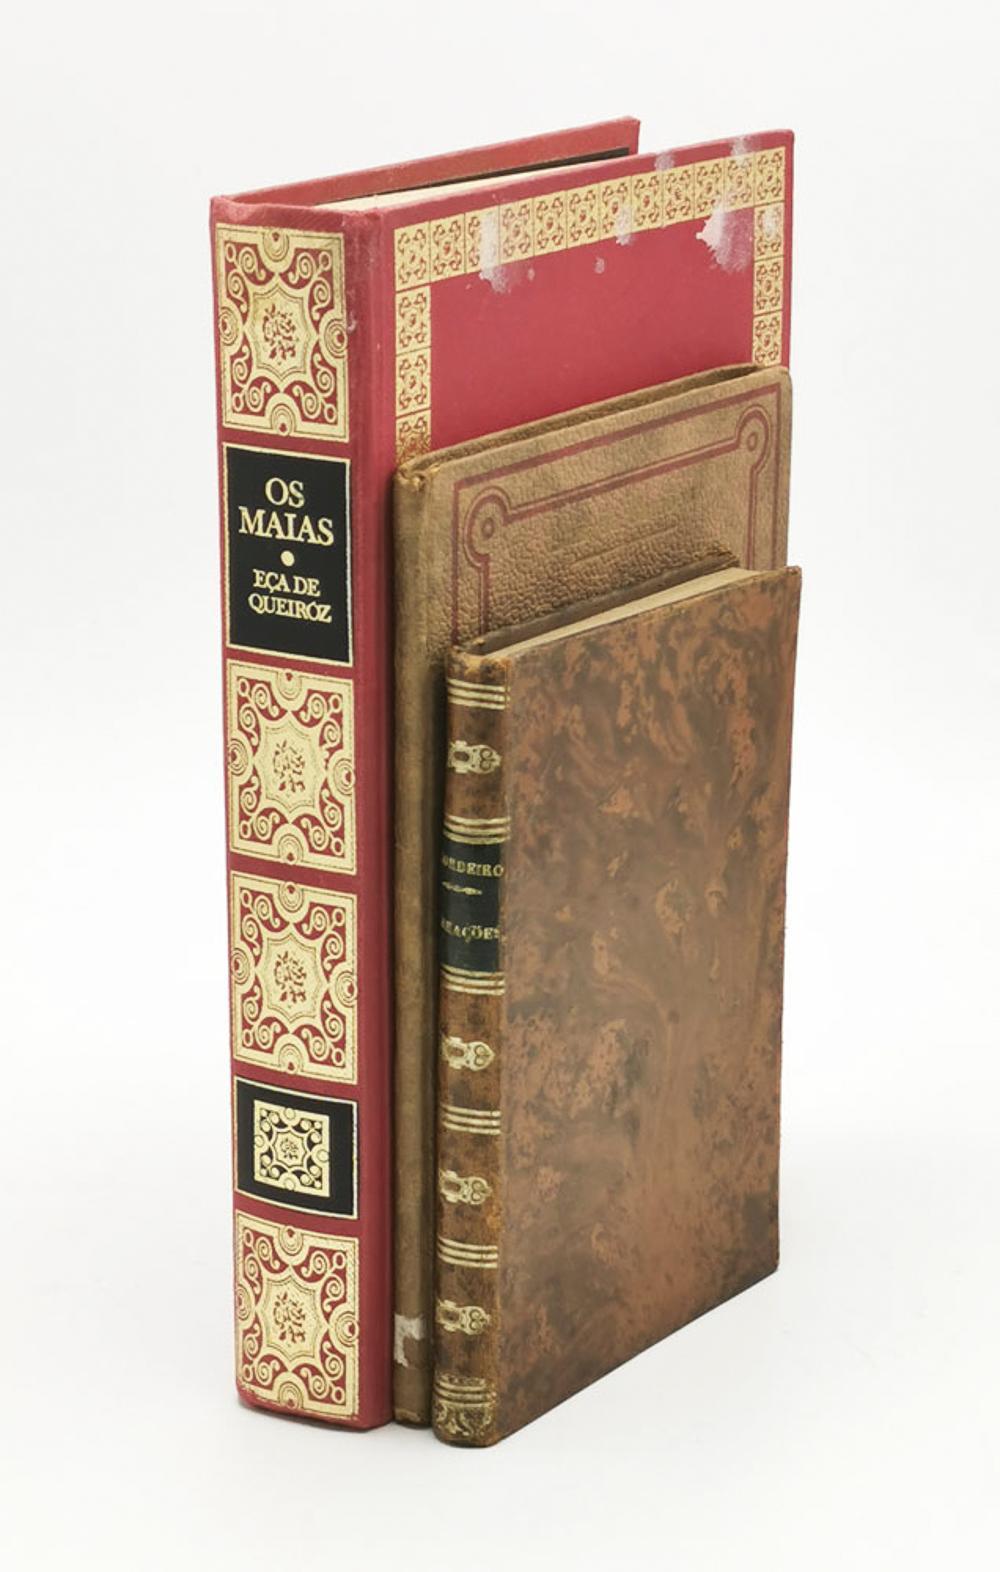 LITERATURE. Lot of 3 vols. encs.